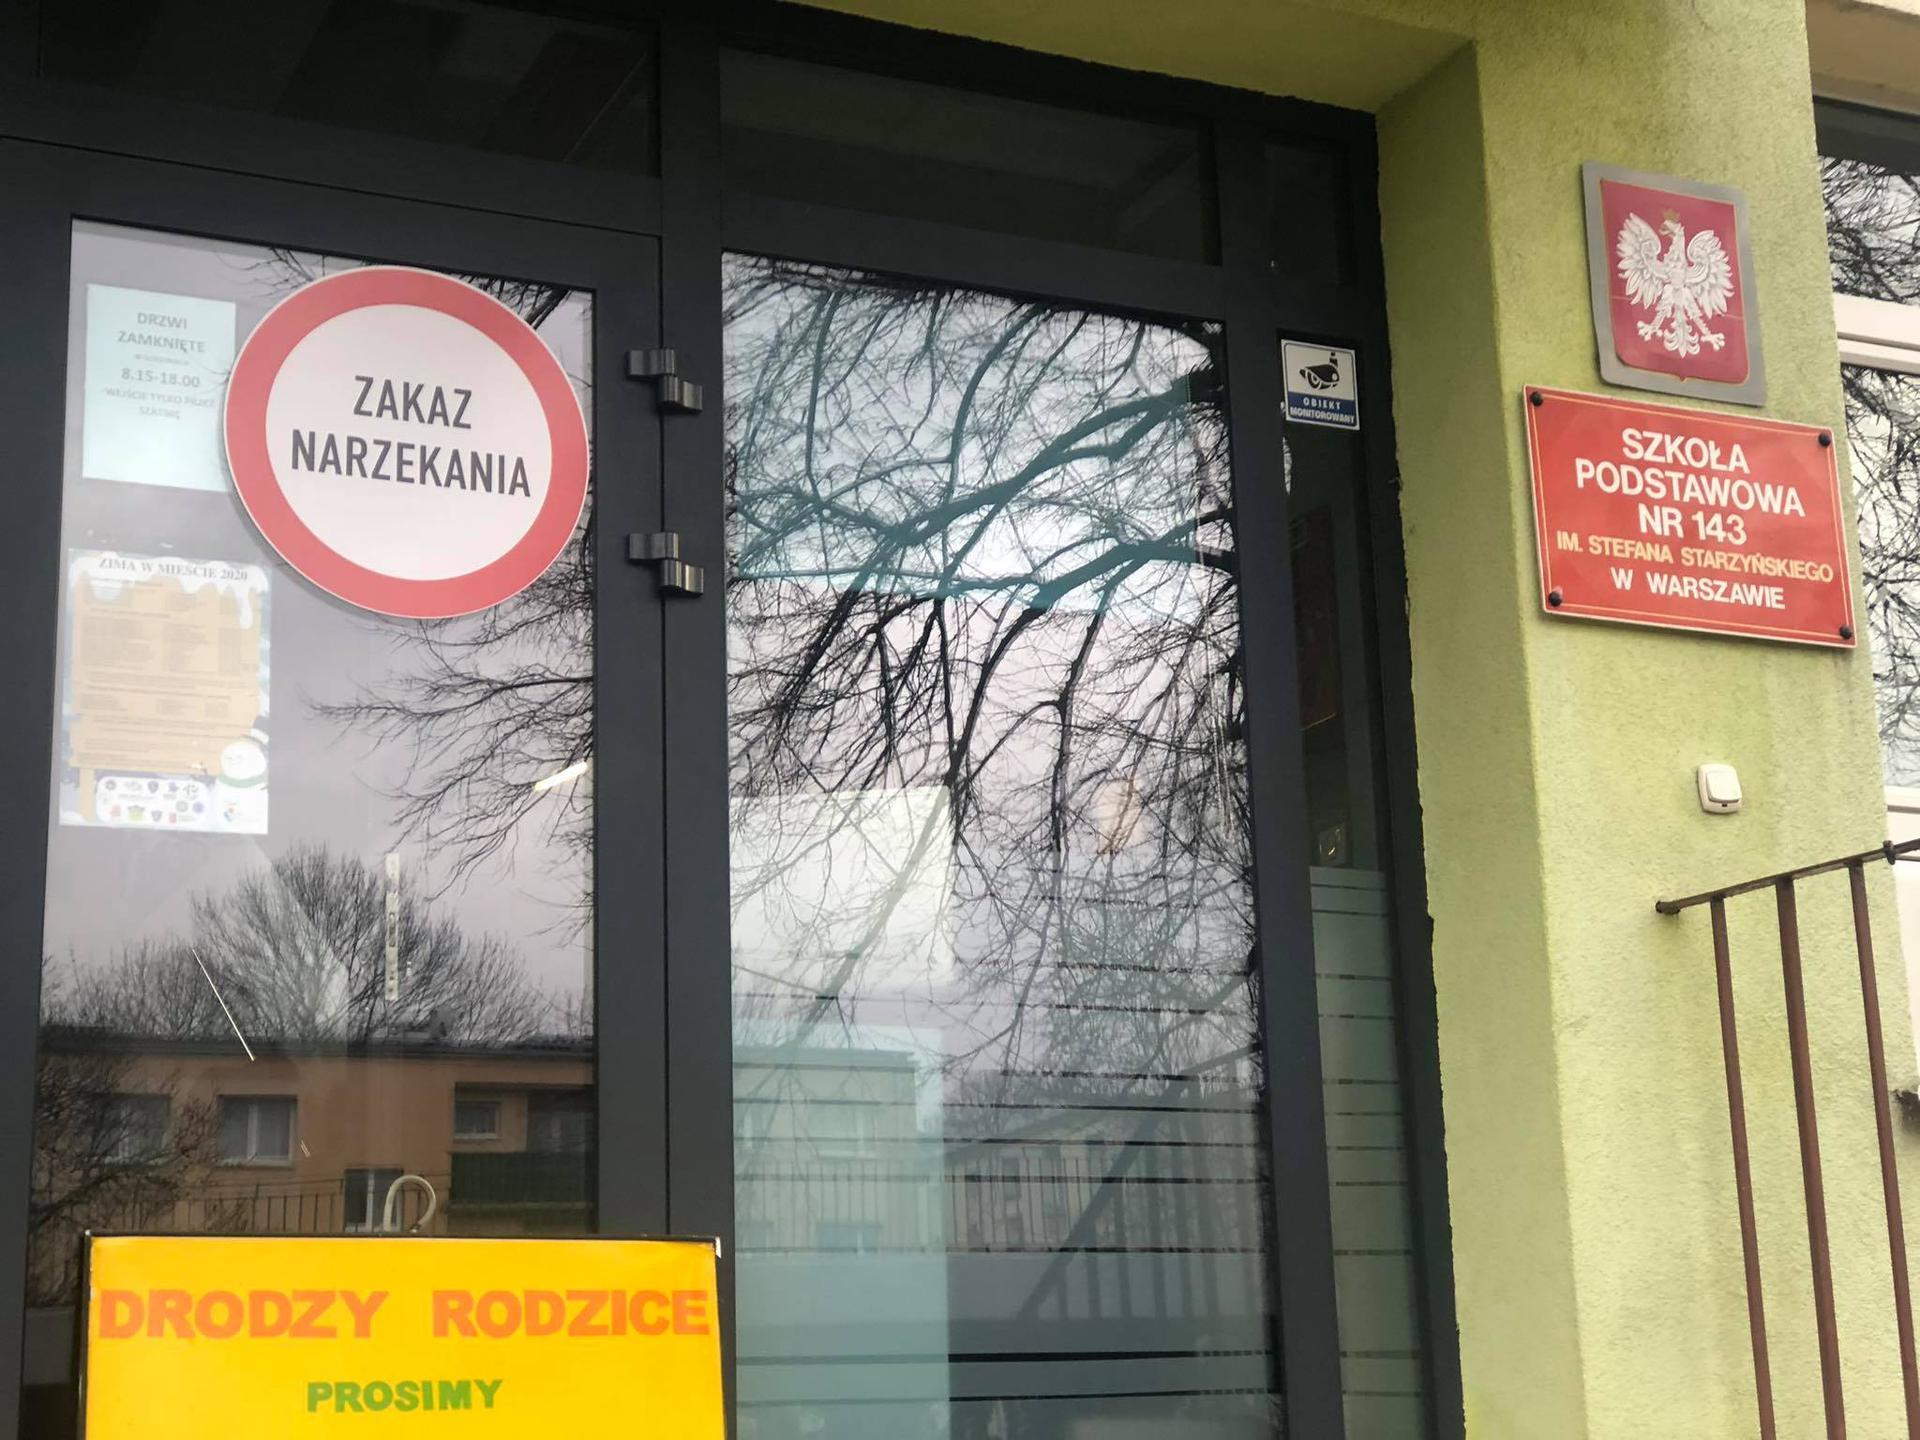 Zakaz narzekania w warszawskiej podstawówce! Pojawił się specjalny znak!